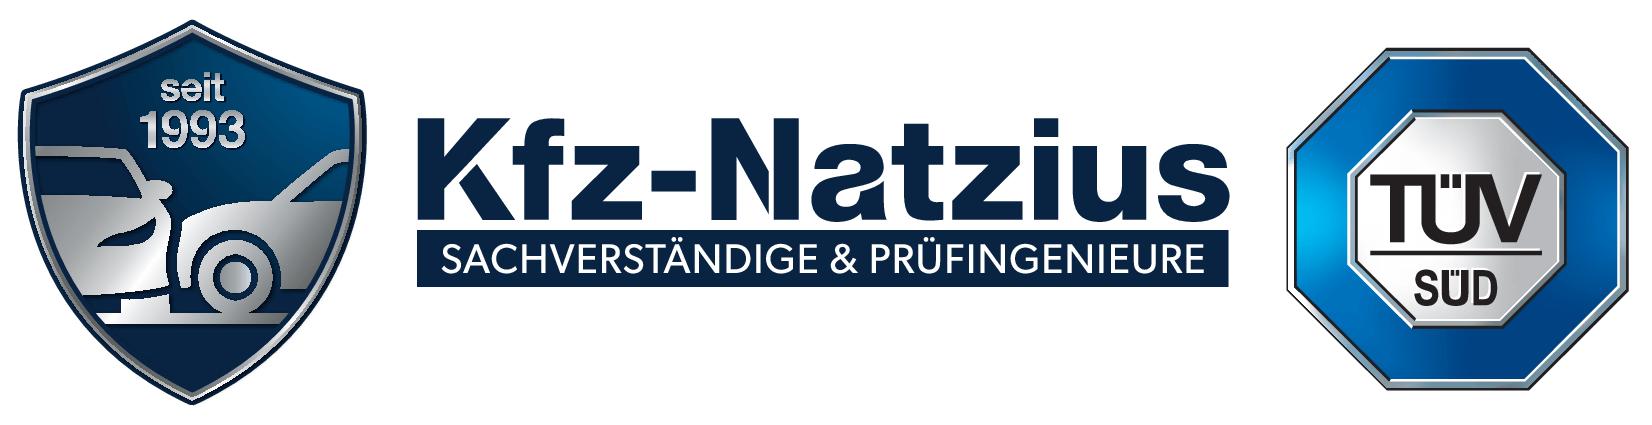 Logo TÜV Süd Kfz-Natzius